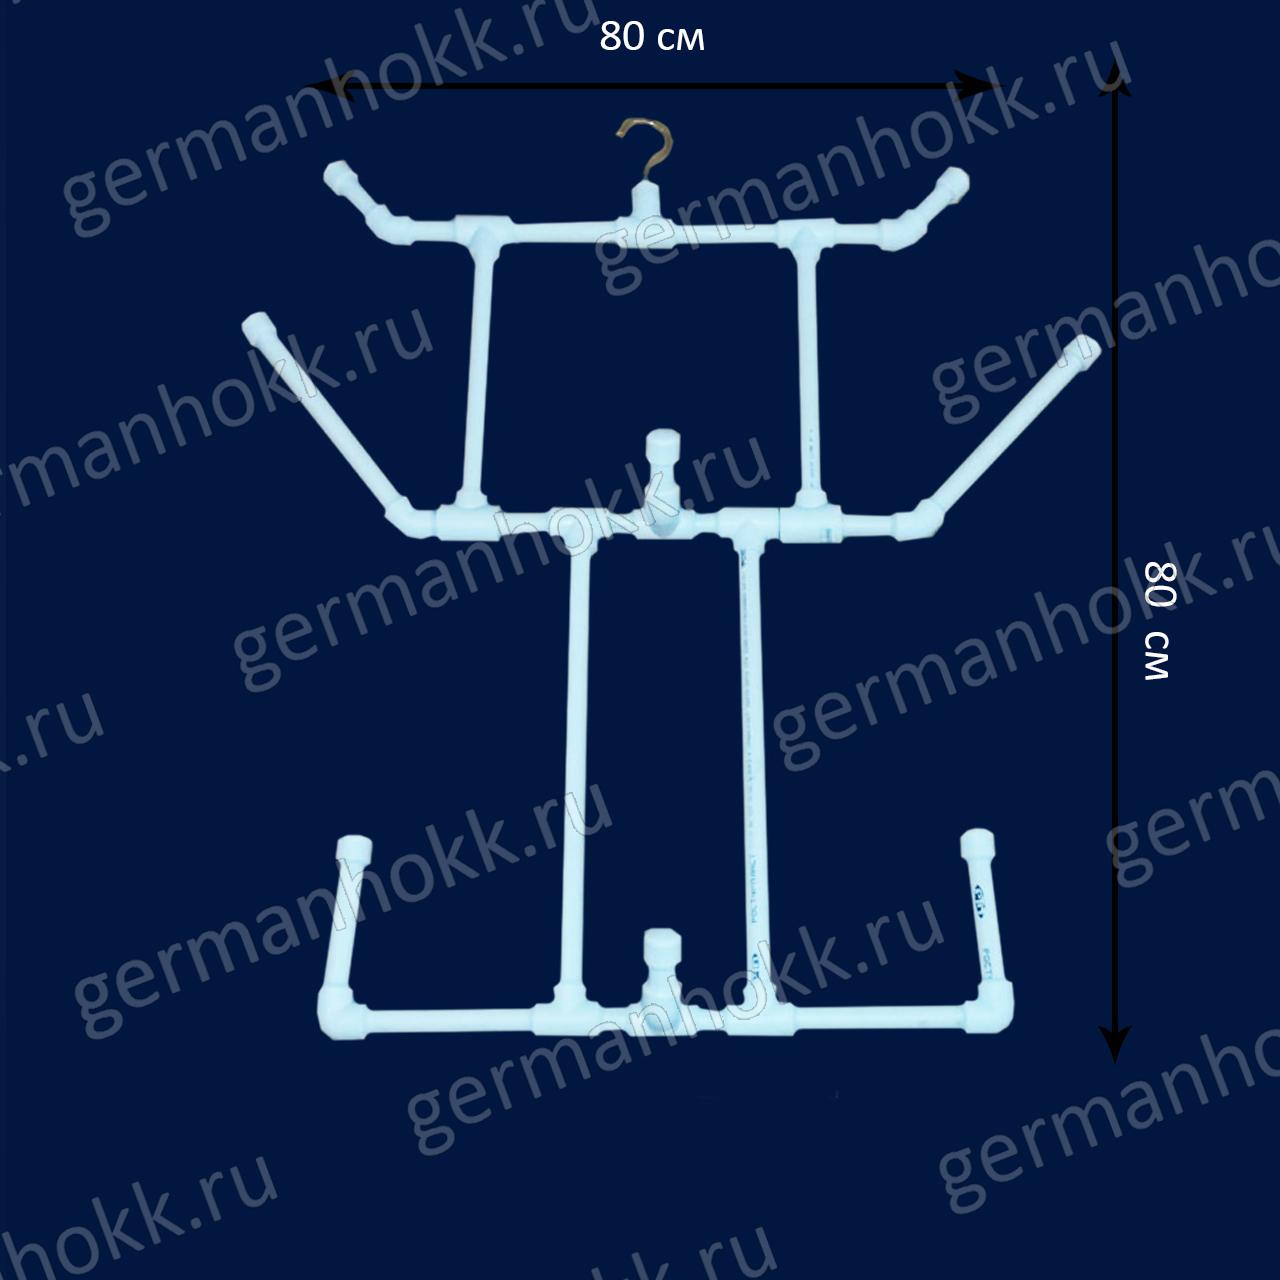 Хоккейная вешалкаПРОСТАЯразмеры 80 см*80 смвес 1 кгПП труба 20 ммгарантия 10 лет